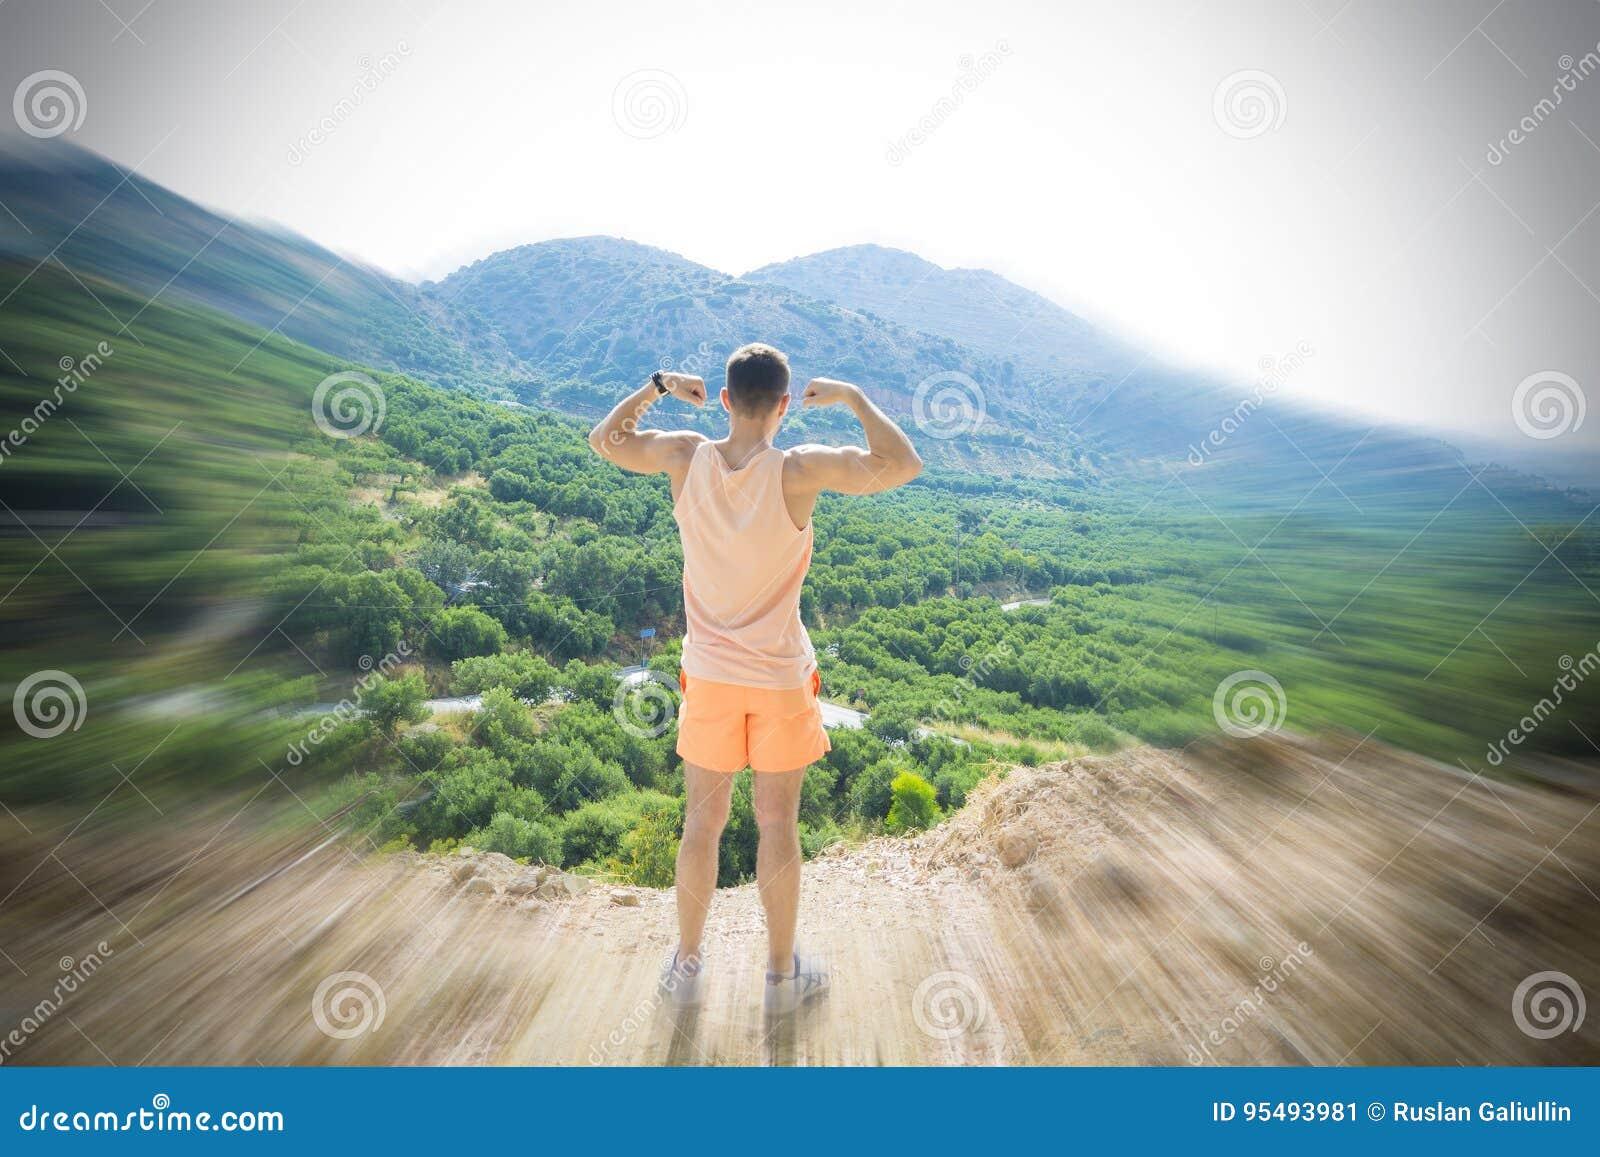 Οι στάσεις ατόμων στο νικητή θέτουν στην κορυφή ενός βουνού Η έννοια της ηγεσίας, της δύναμης, της εμπιστοσύνης, και της ελευθερί